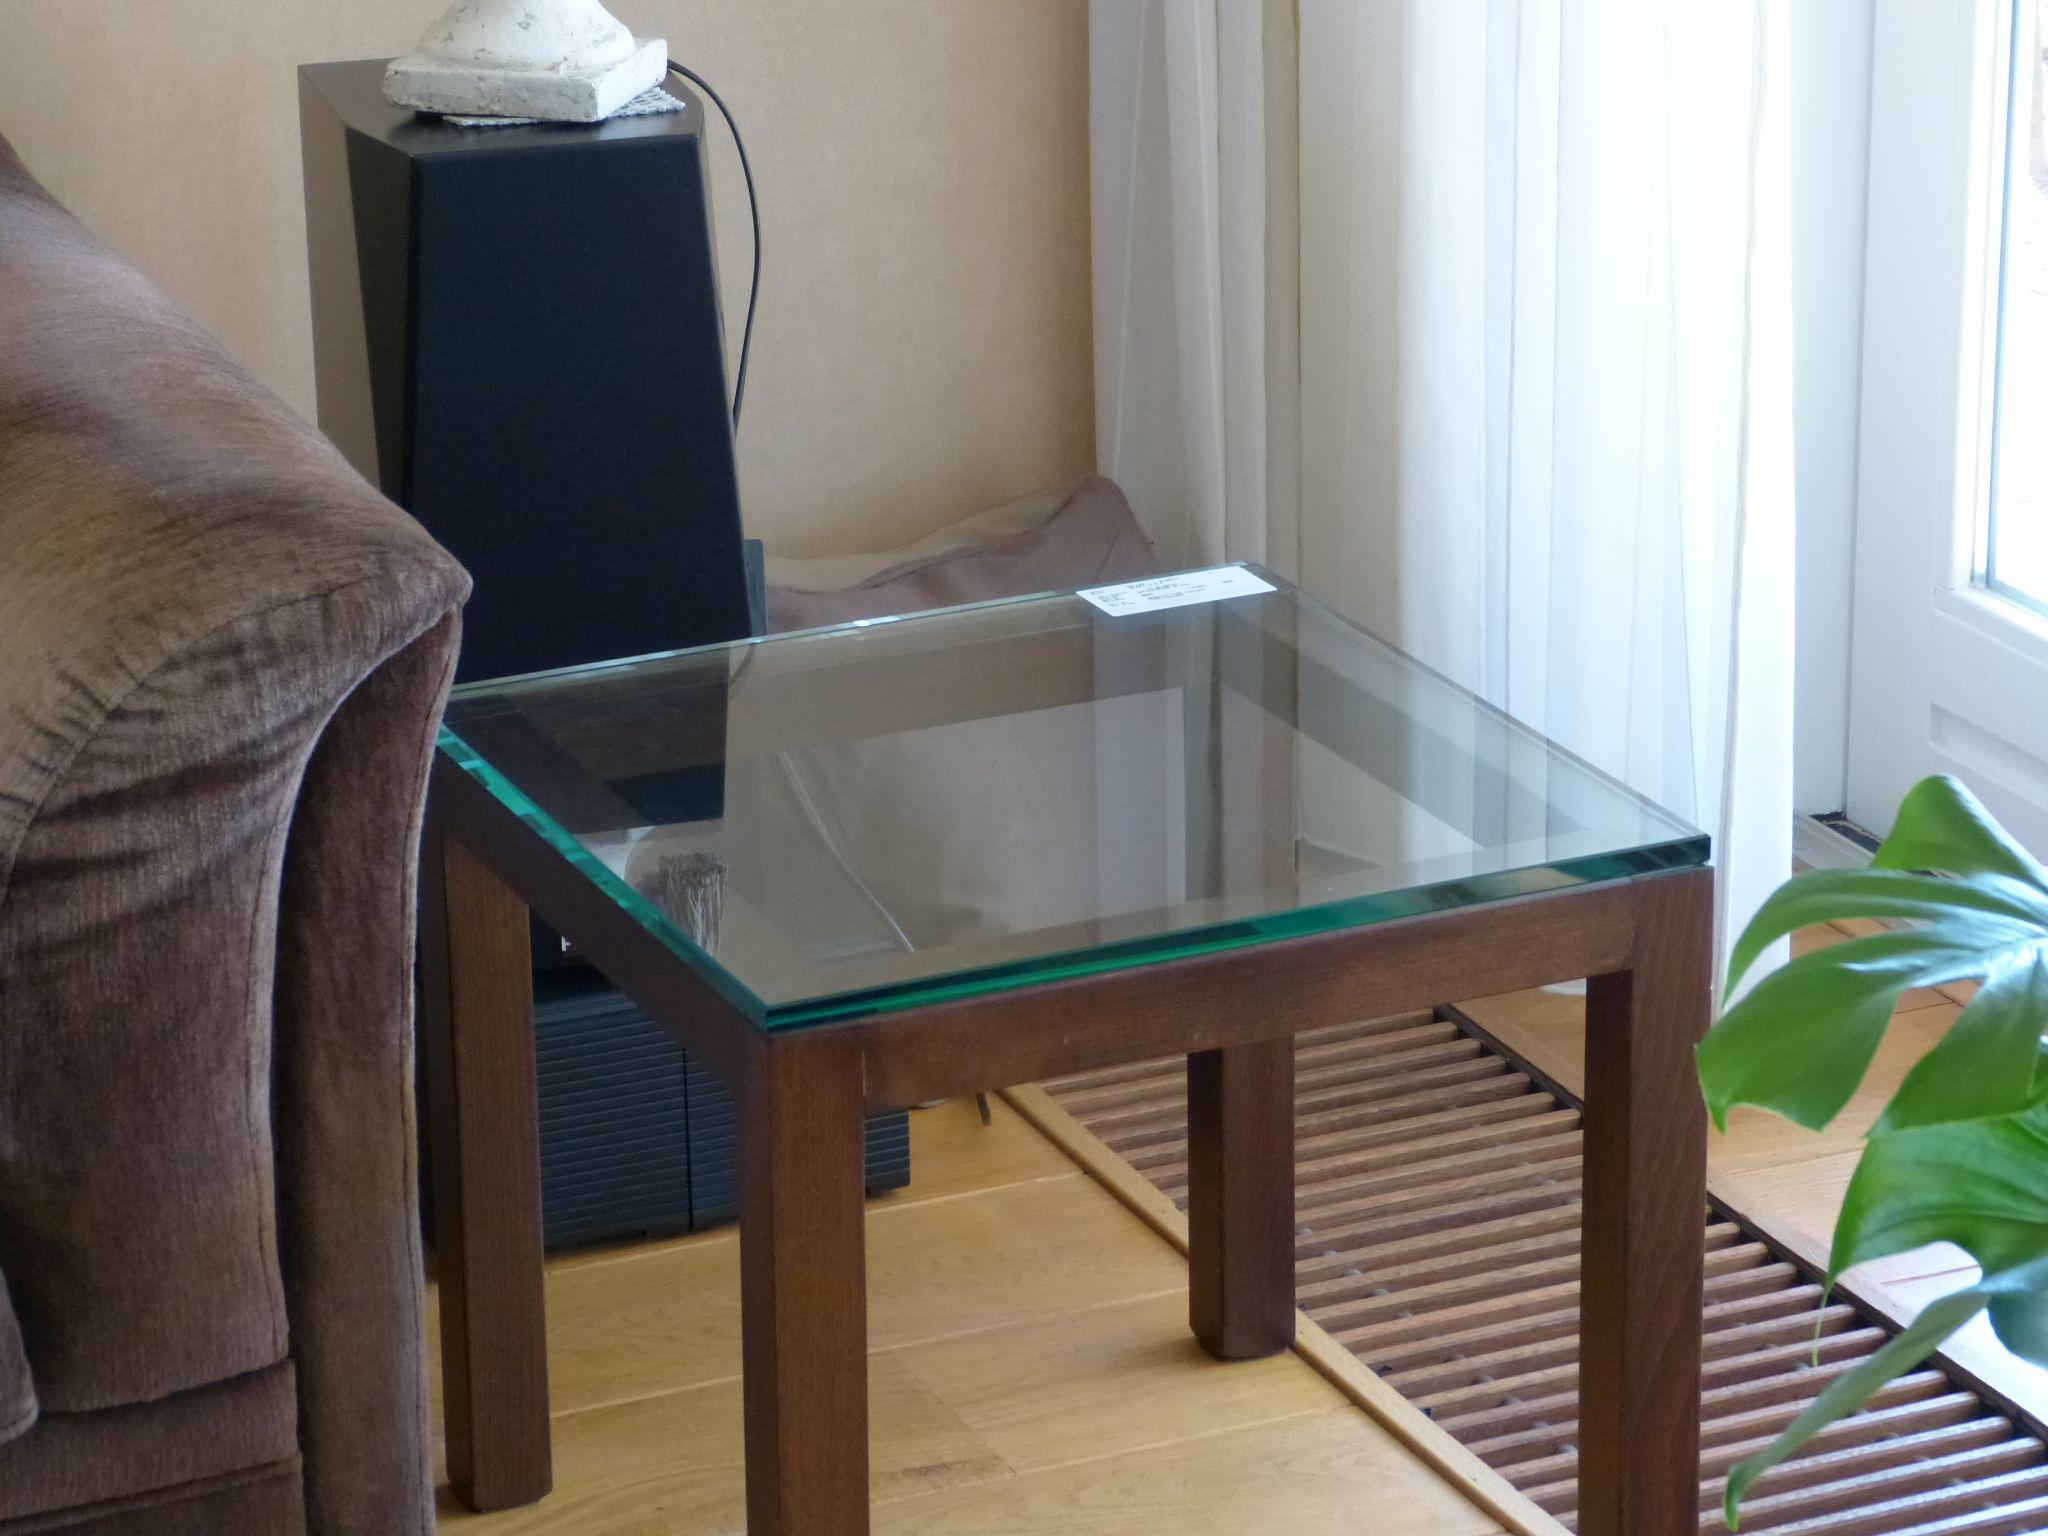 Glazen Tafelbladen Op Maat.Glazen Tafelblad Op Maat Massief Dik Veiligheidsglas Van 10